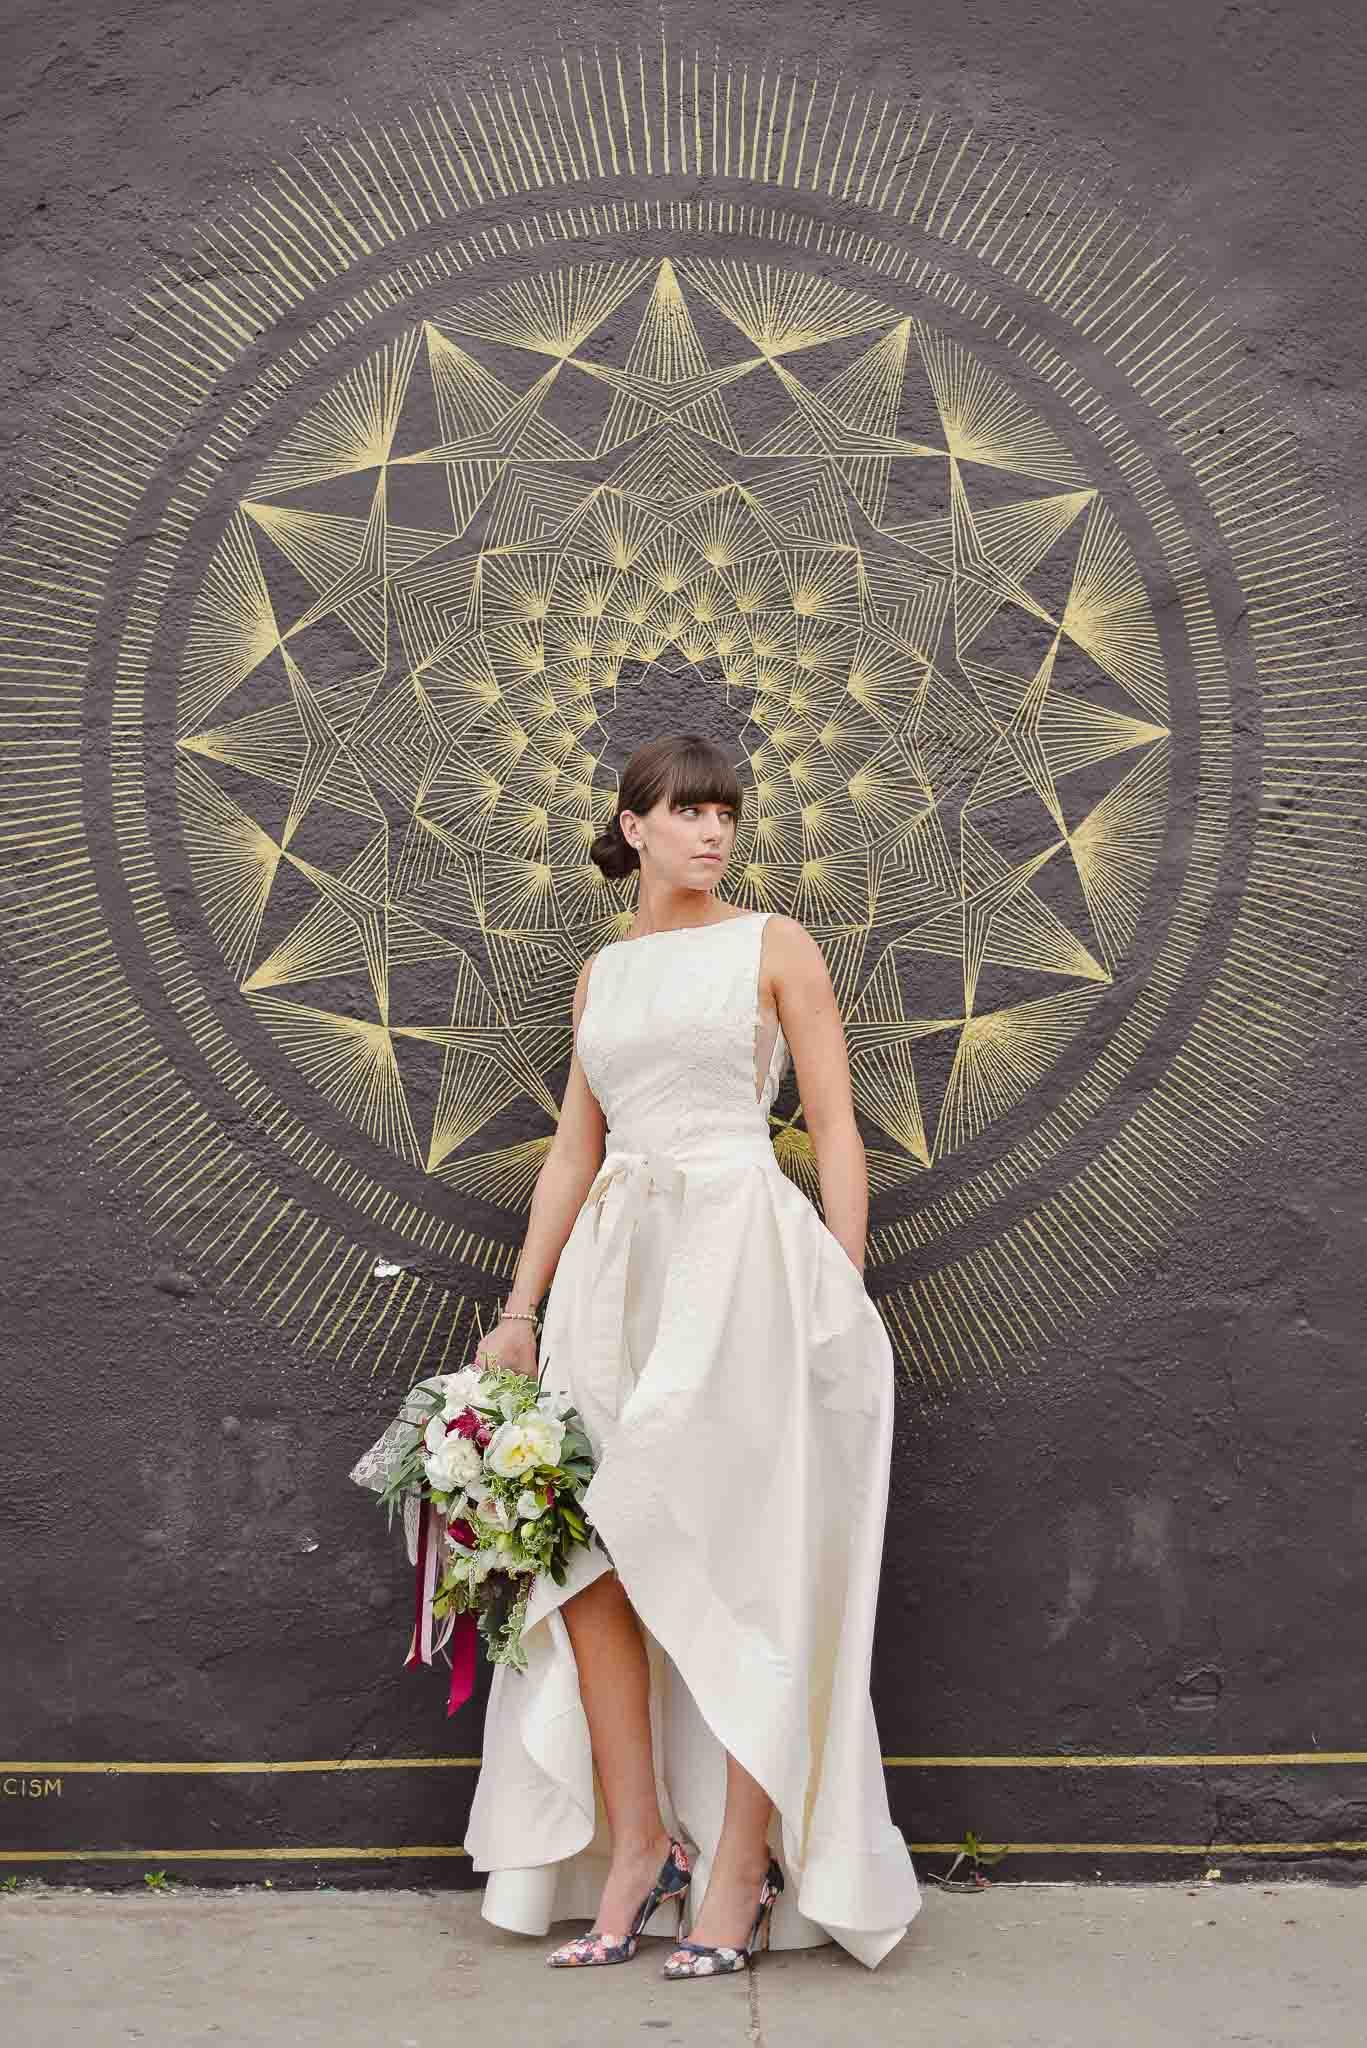 Bride in RiNo district